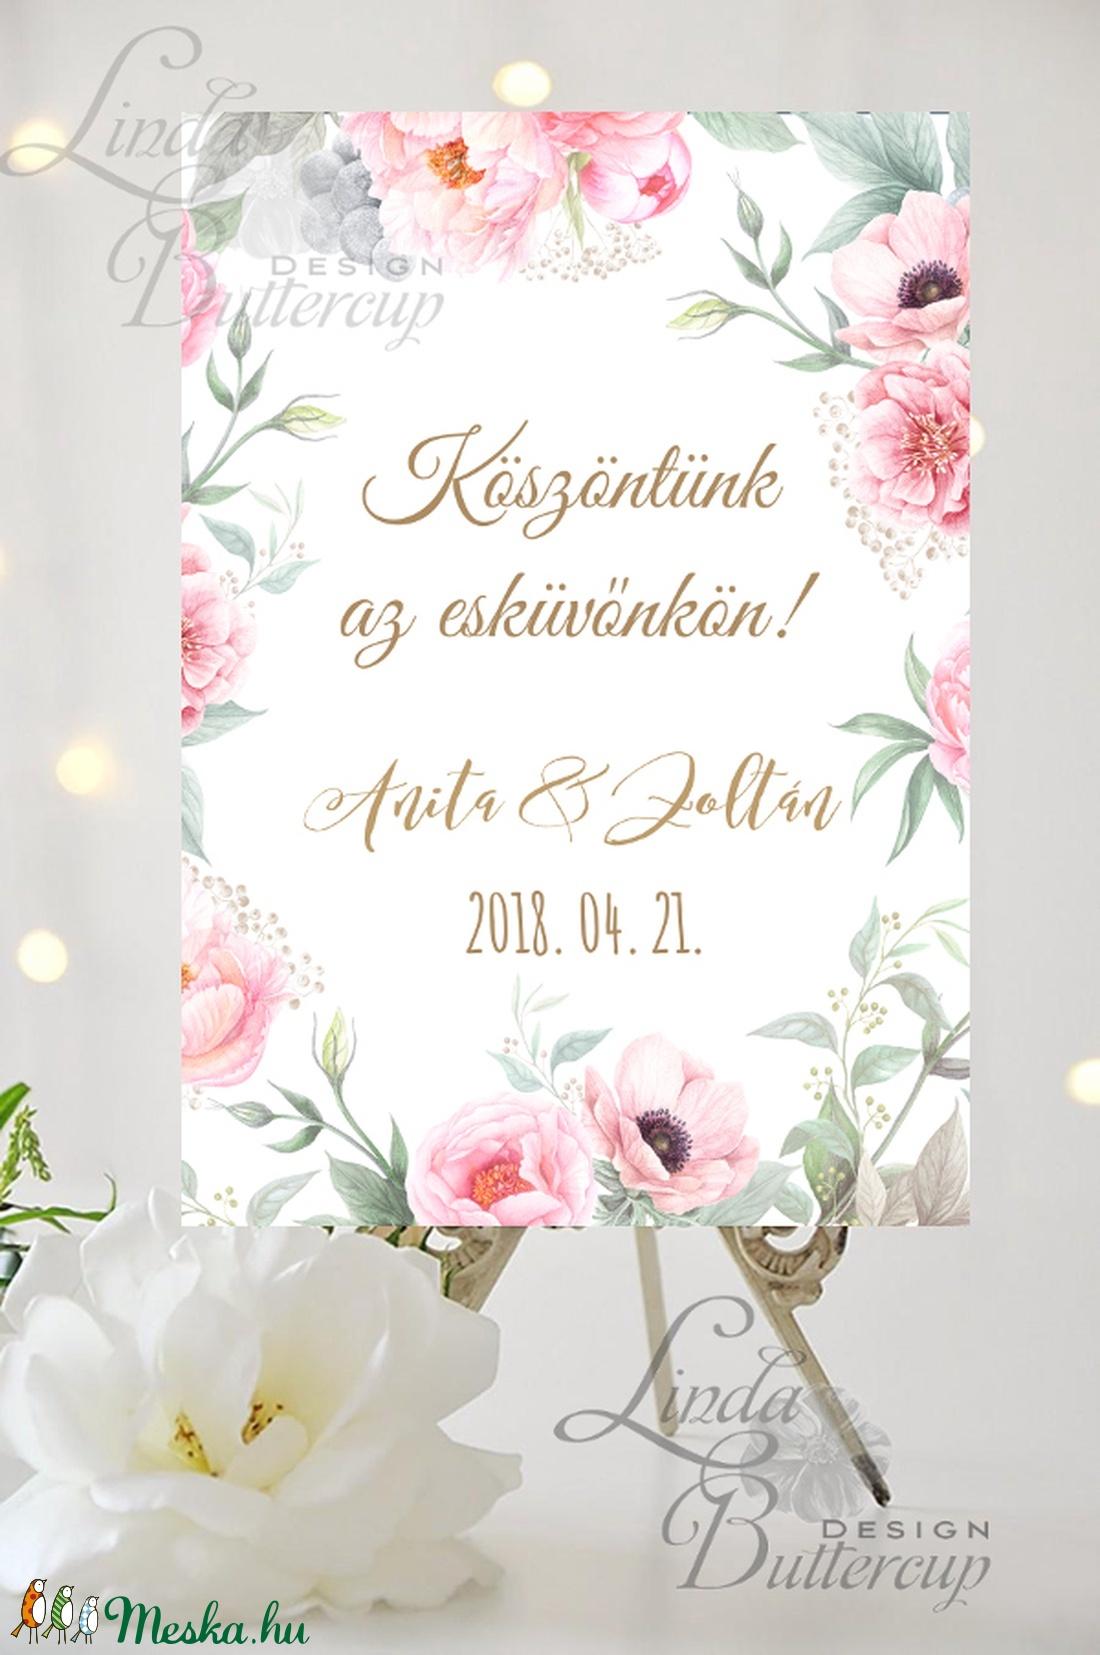 Esküvői Poszter A3, Esküvői kép, Esküvő Dekor, Felirat, Tábla, Vintage, Elegáns, Virágos, Rusztikus, Welcome, vendégváró (LindaButtercup) - Meska.hu